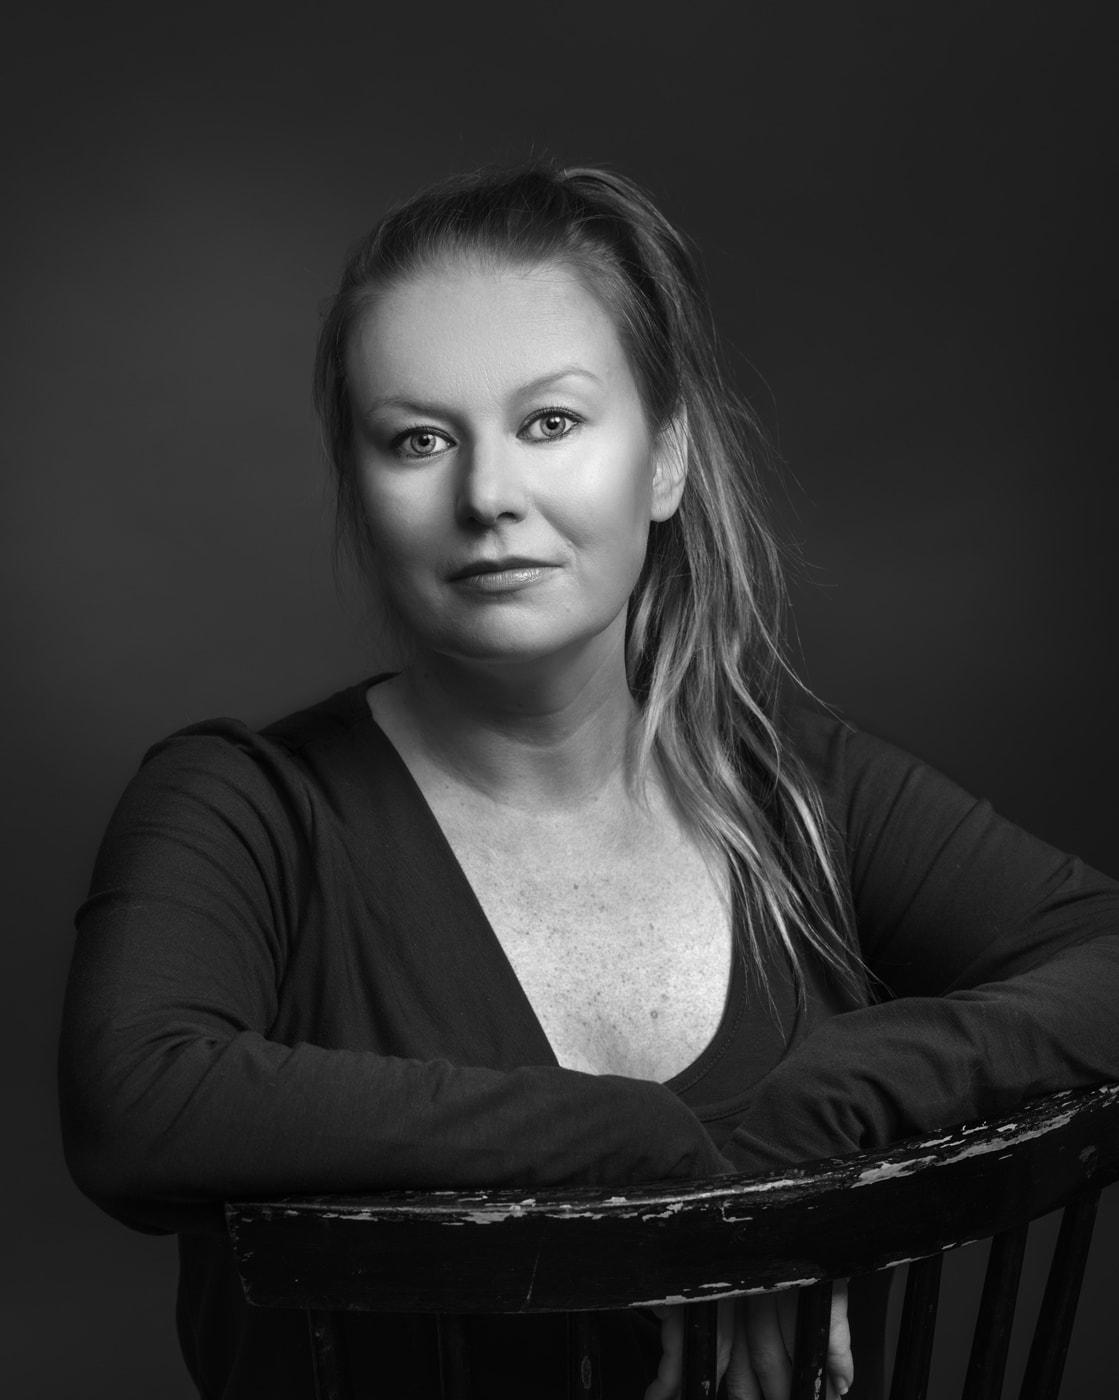 Mustavalkoinen potrettikuva, tumma tausta. Kuvattu Valokuvaamo Magiossa joulukuussa 2016.